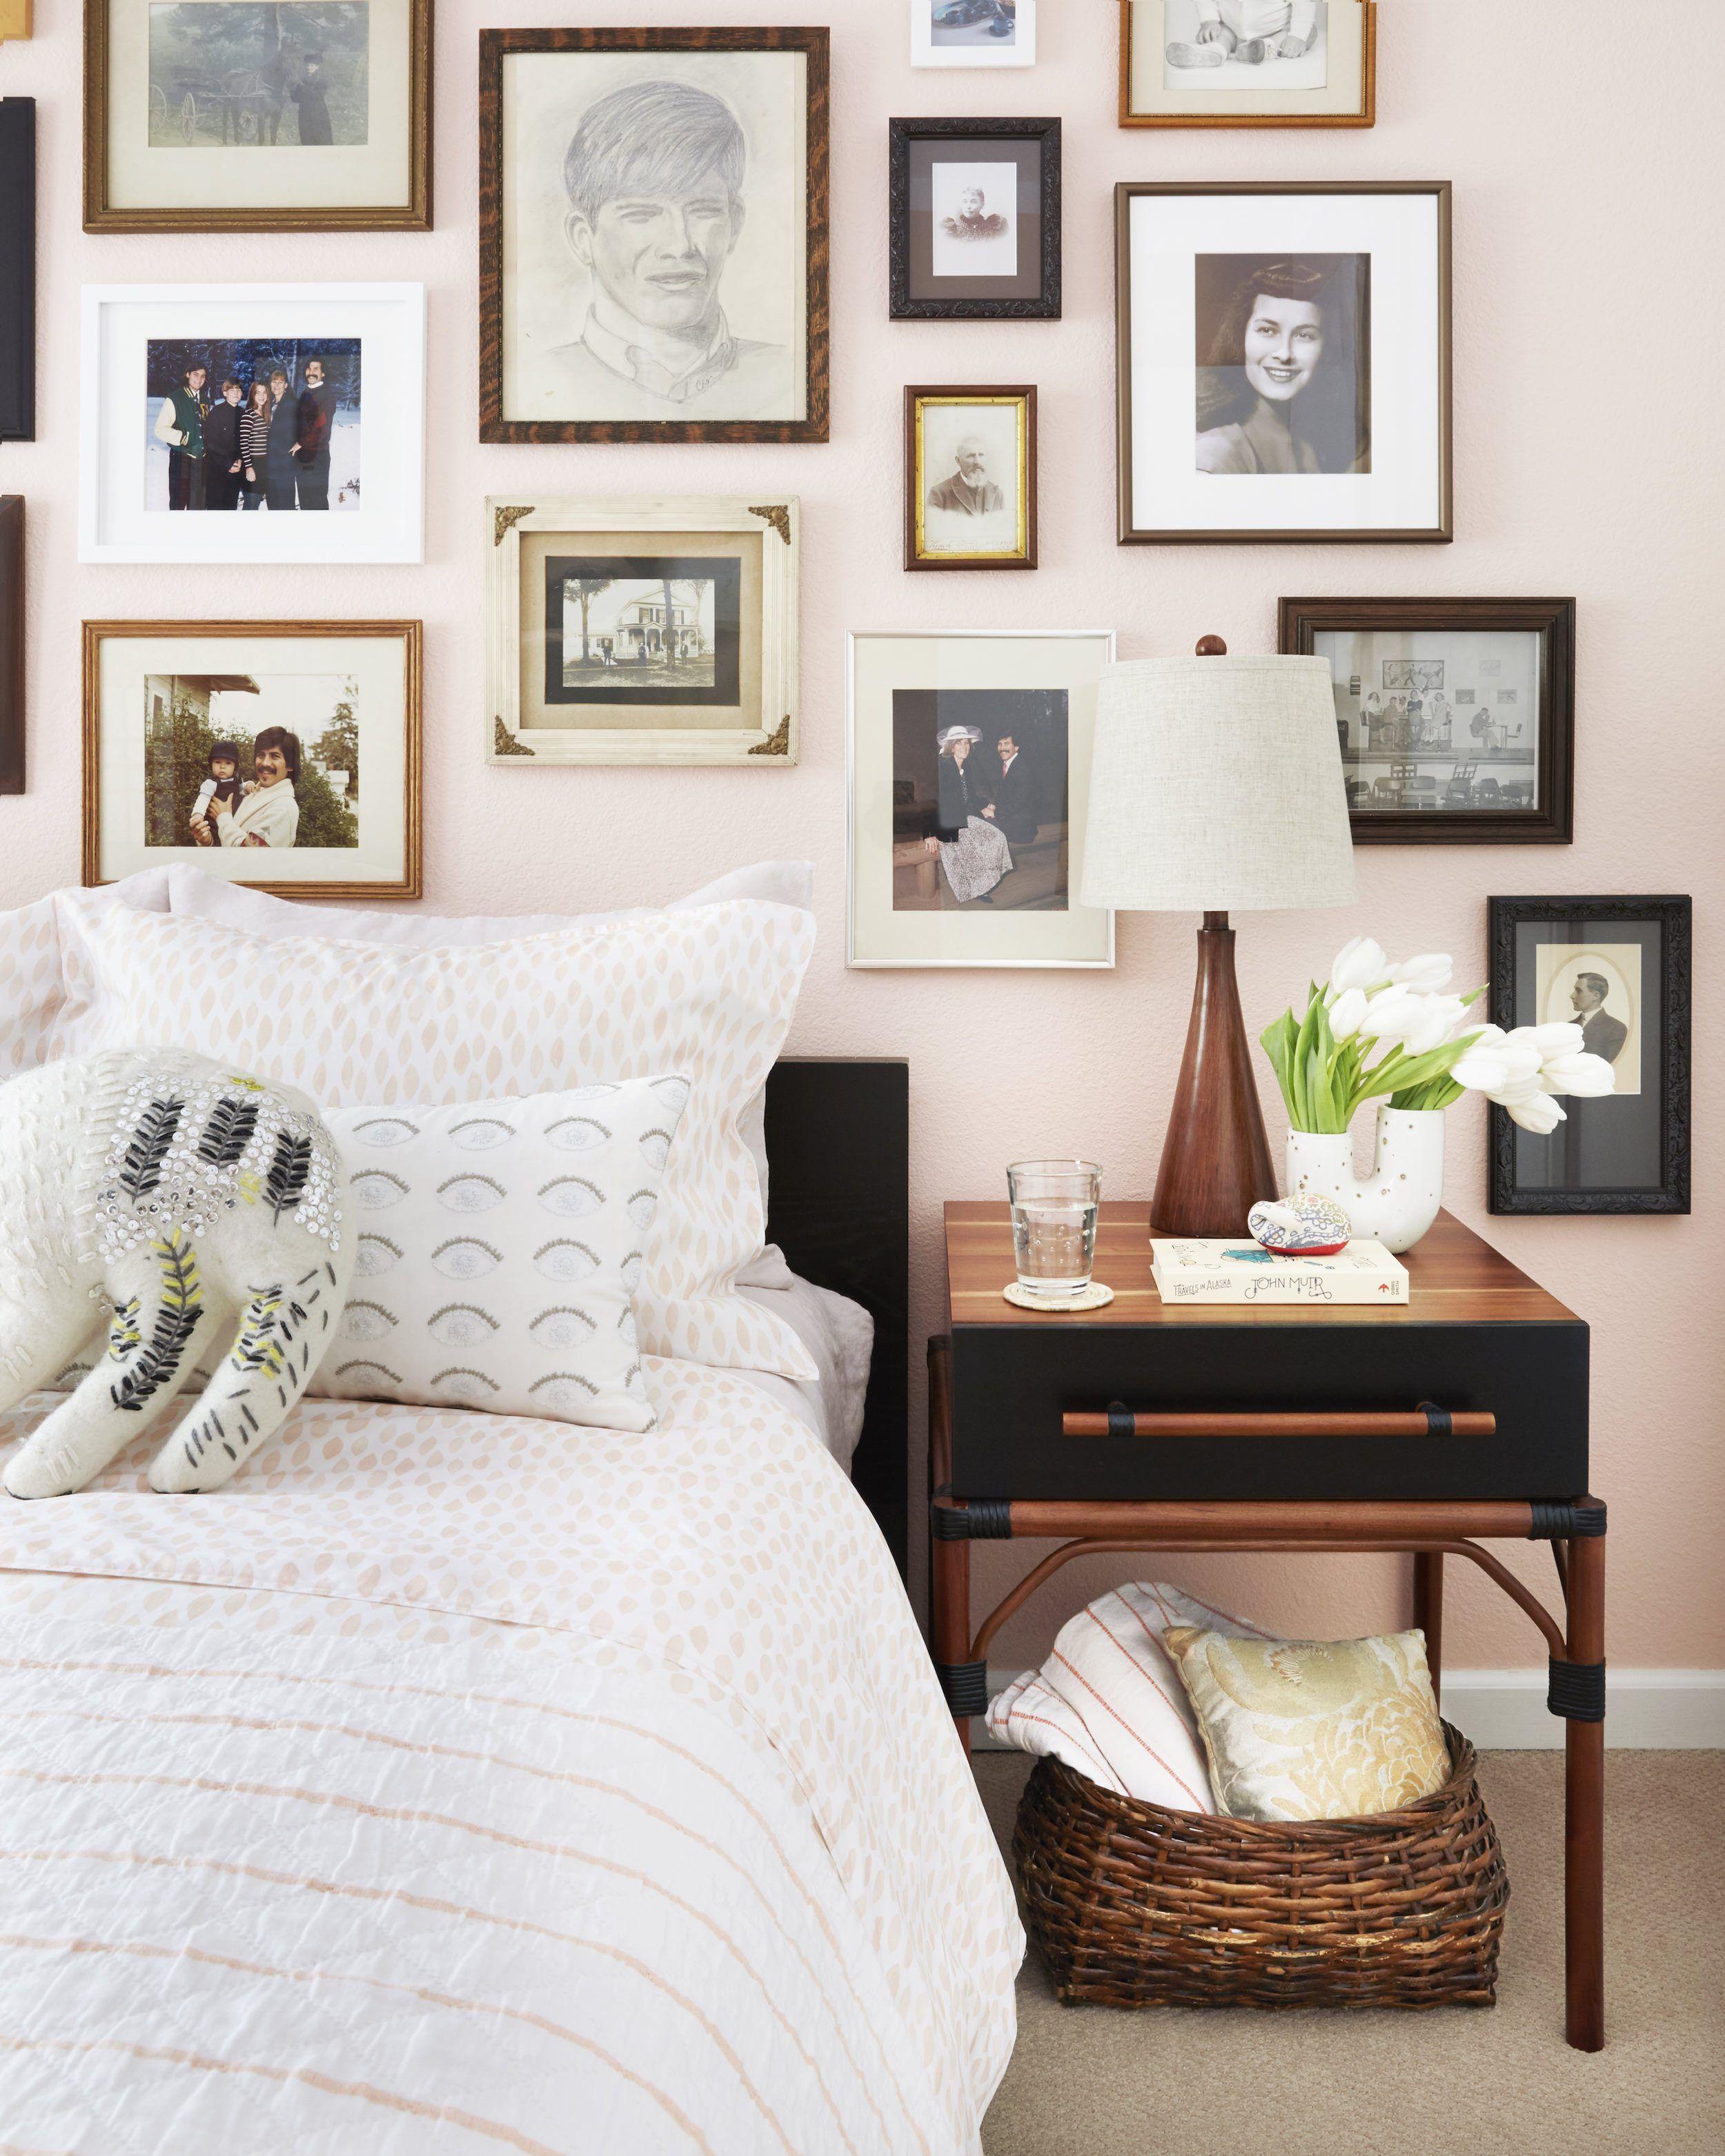 Orlando Soria Turns A Small Dark Bedroom Into A Bright Spot For